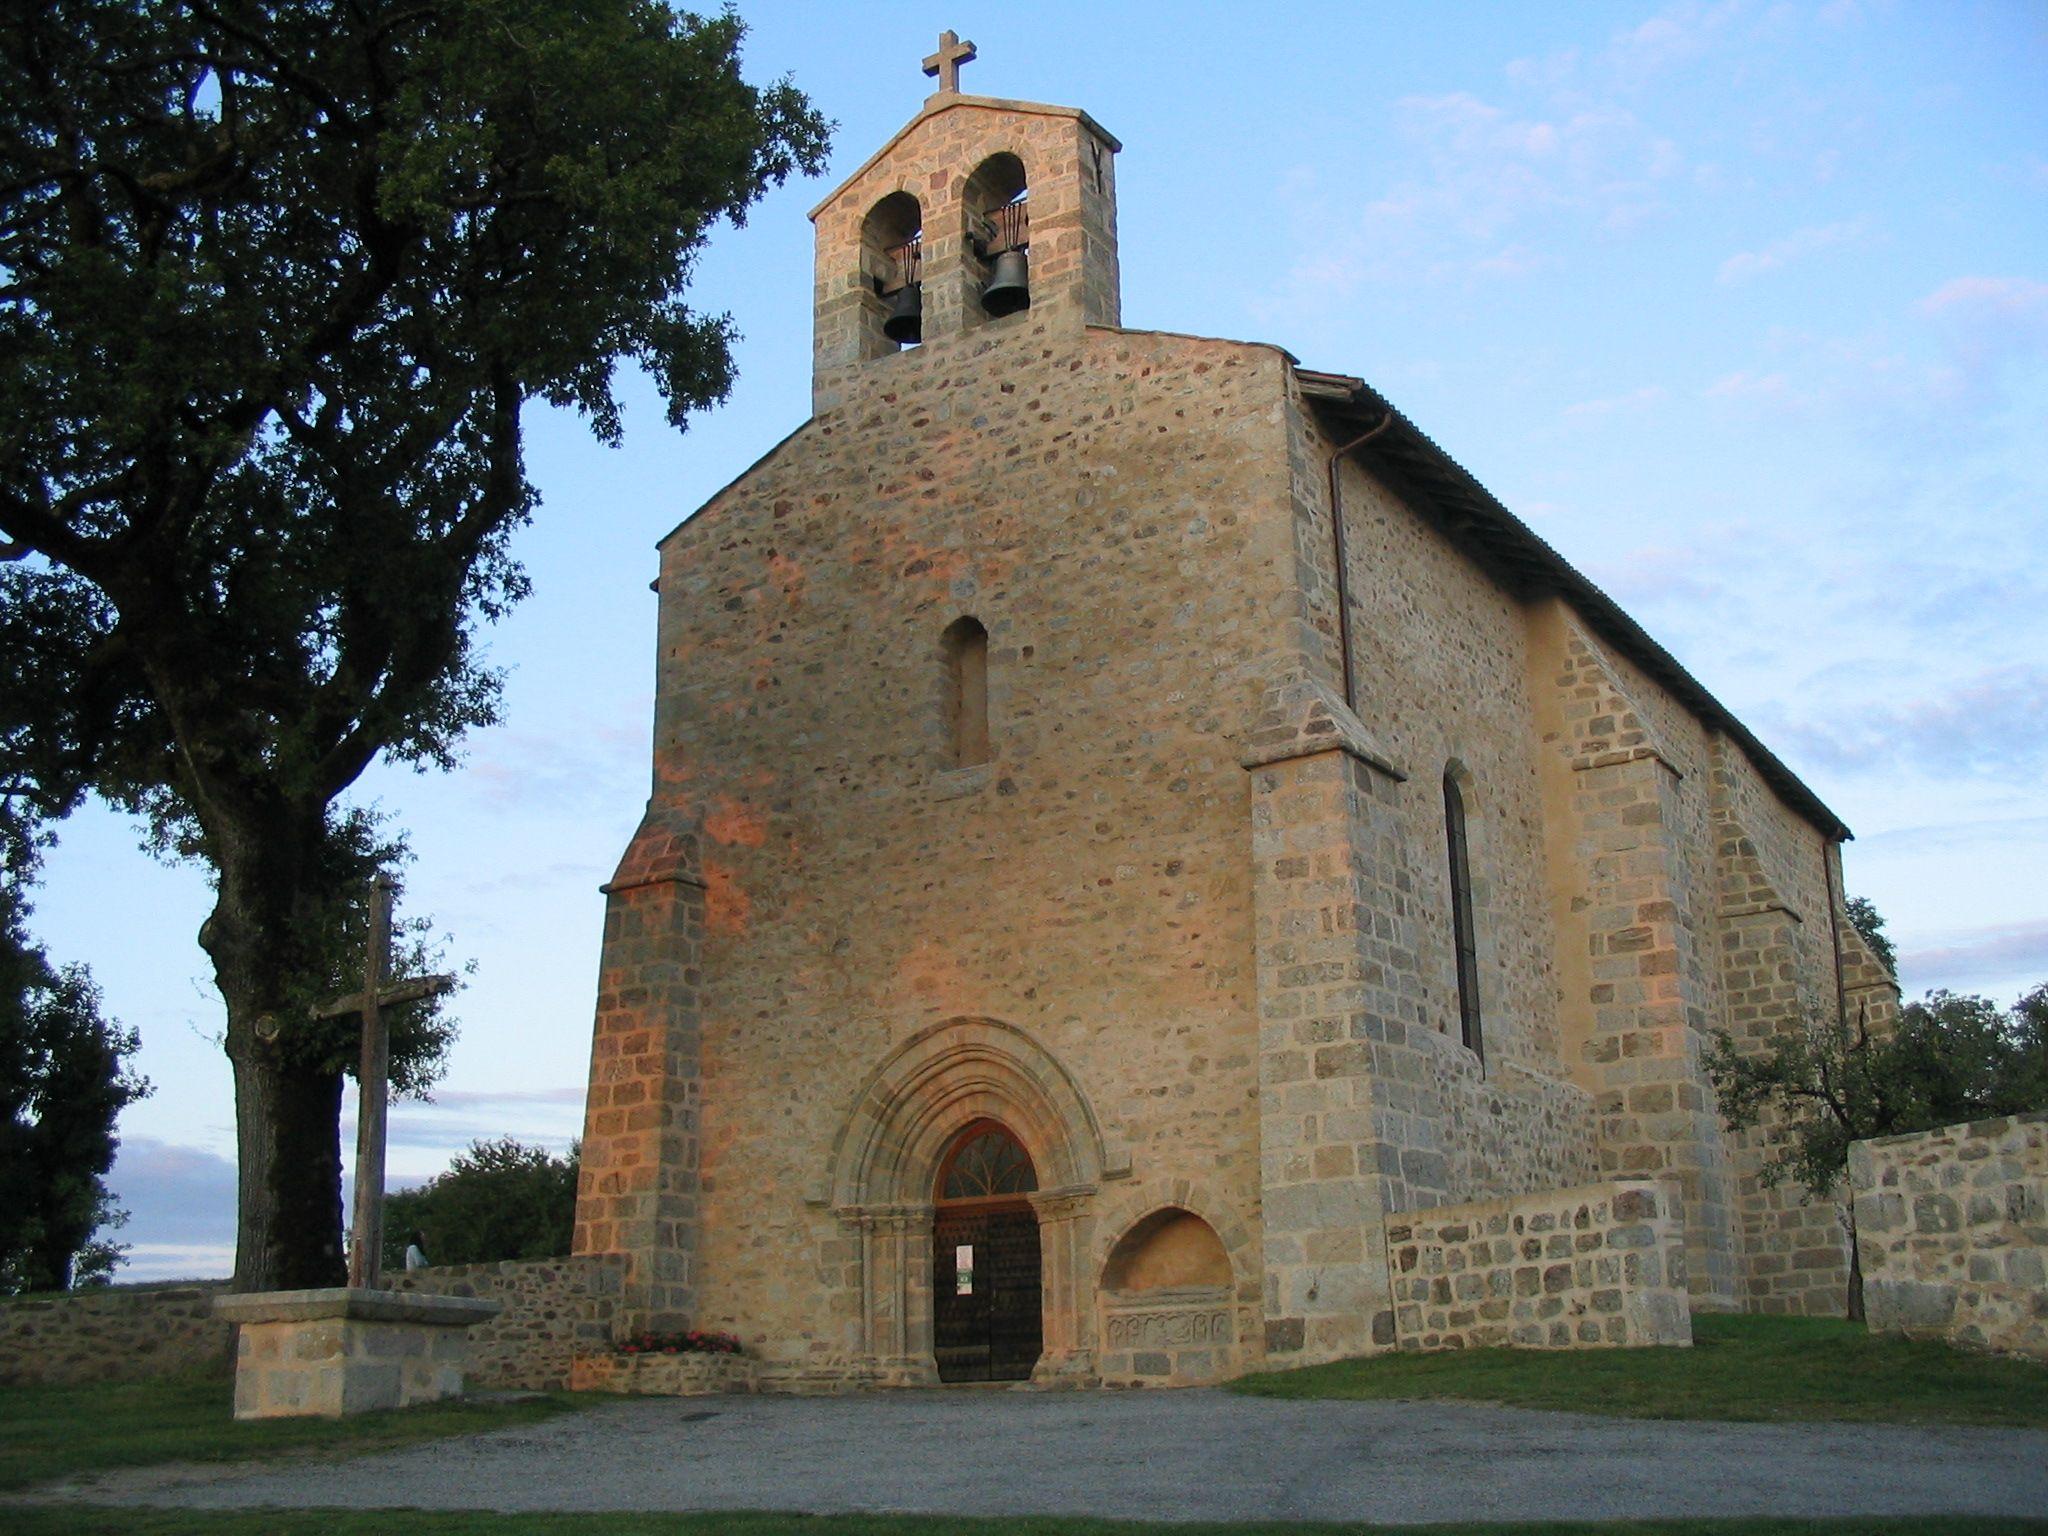 Eglise de Saint-Anne-Saint-Priest